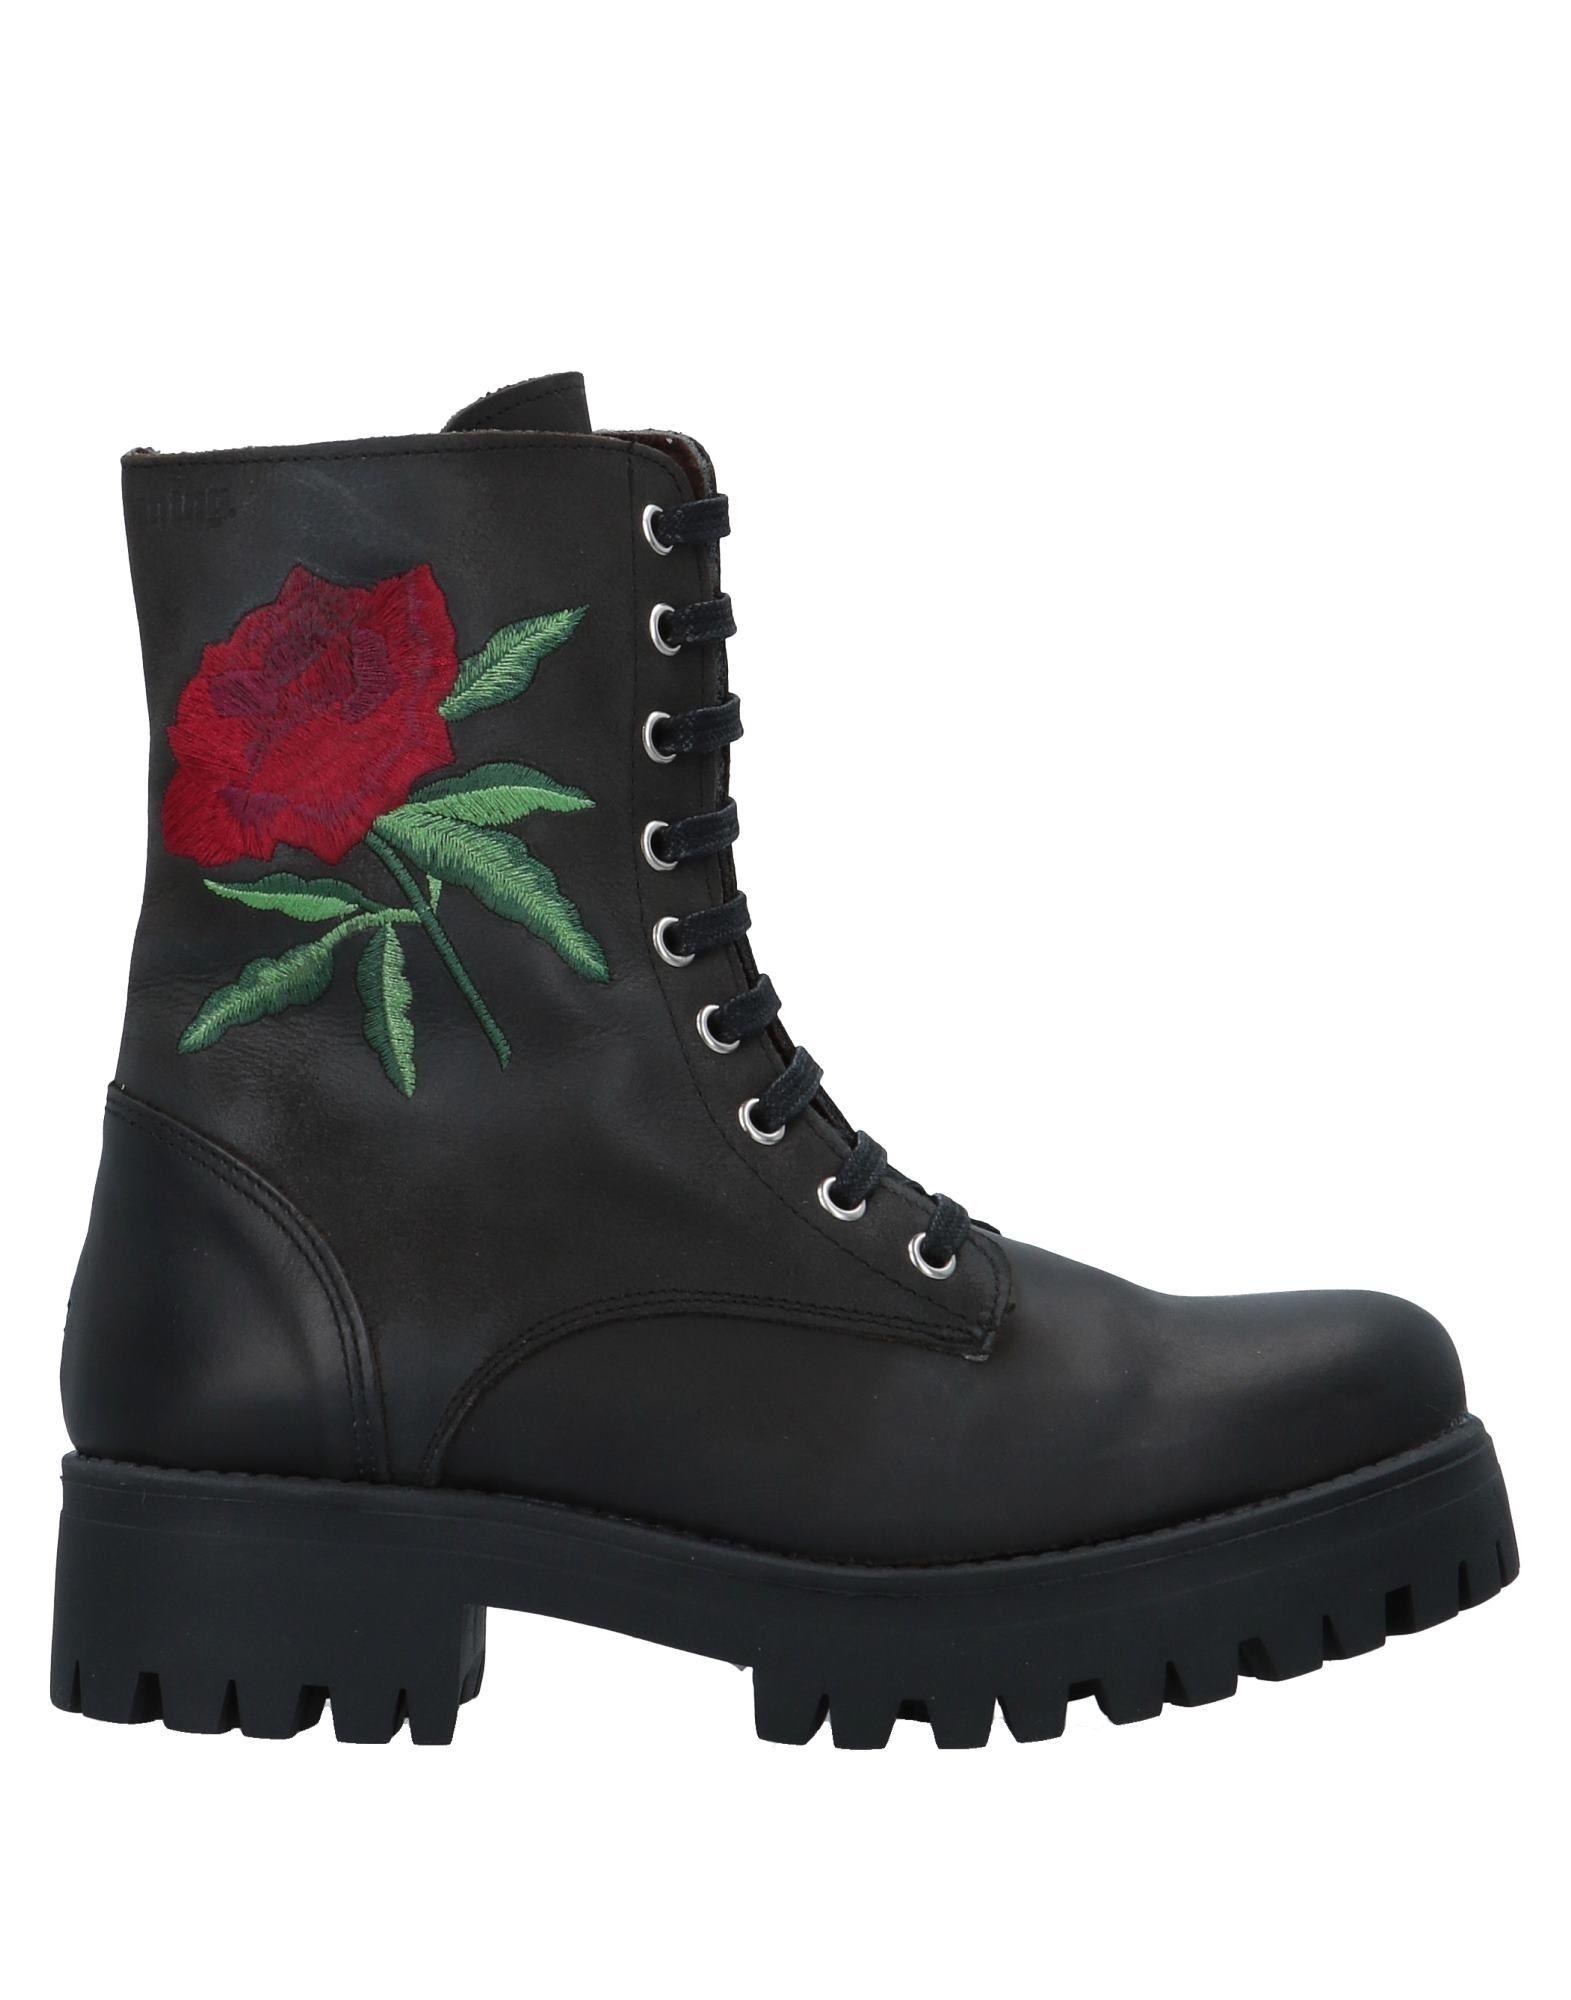 Mtng Stiefelette Damen beliebte  11541689KQ Gute Qualität beliebte Damen Schuhe 74ddab